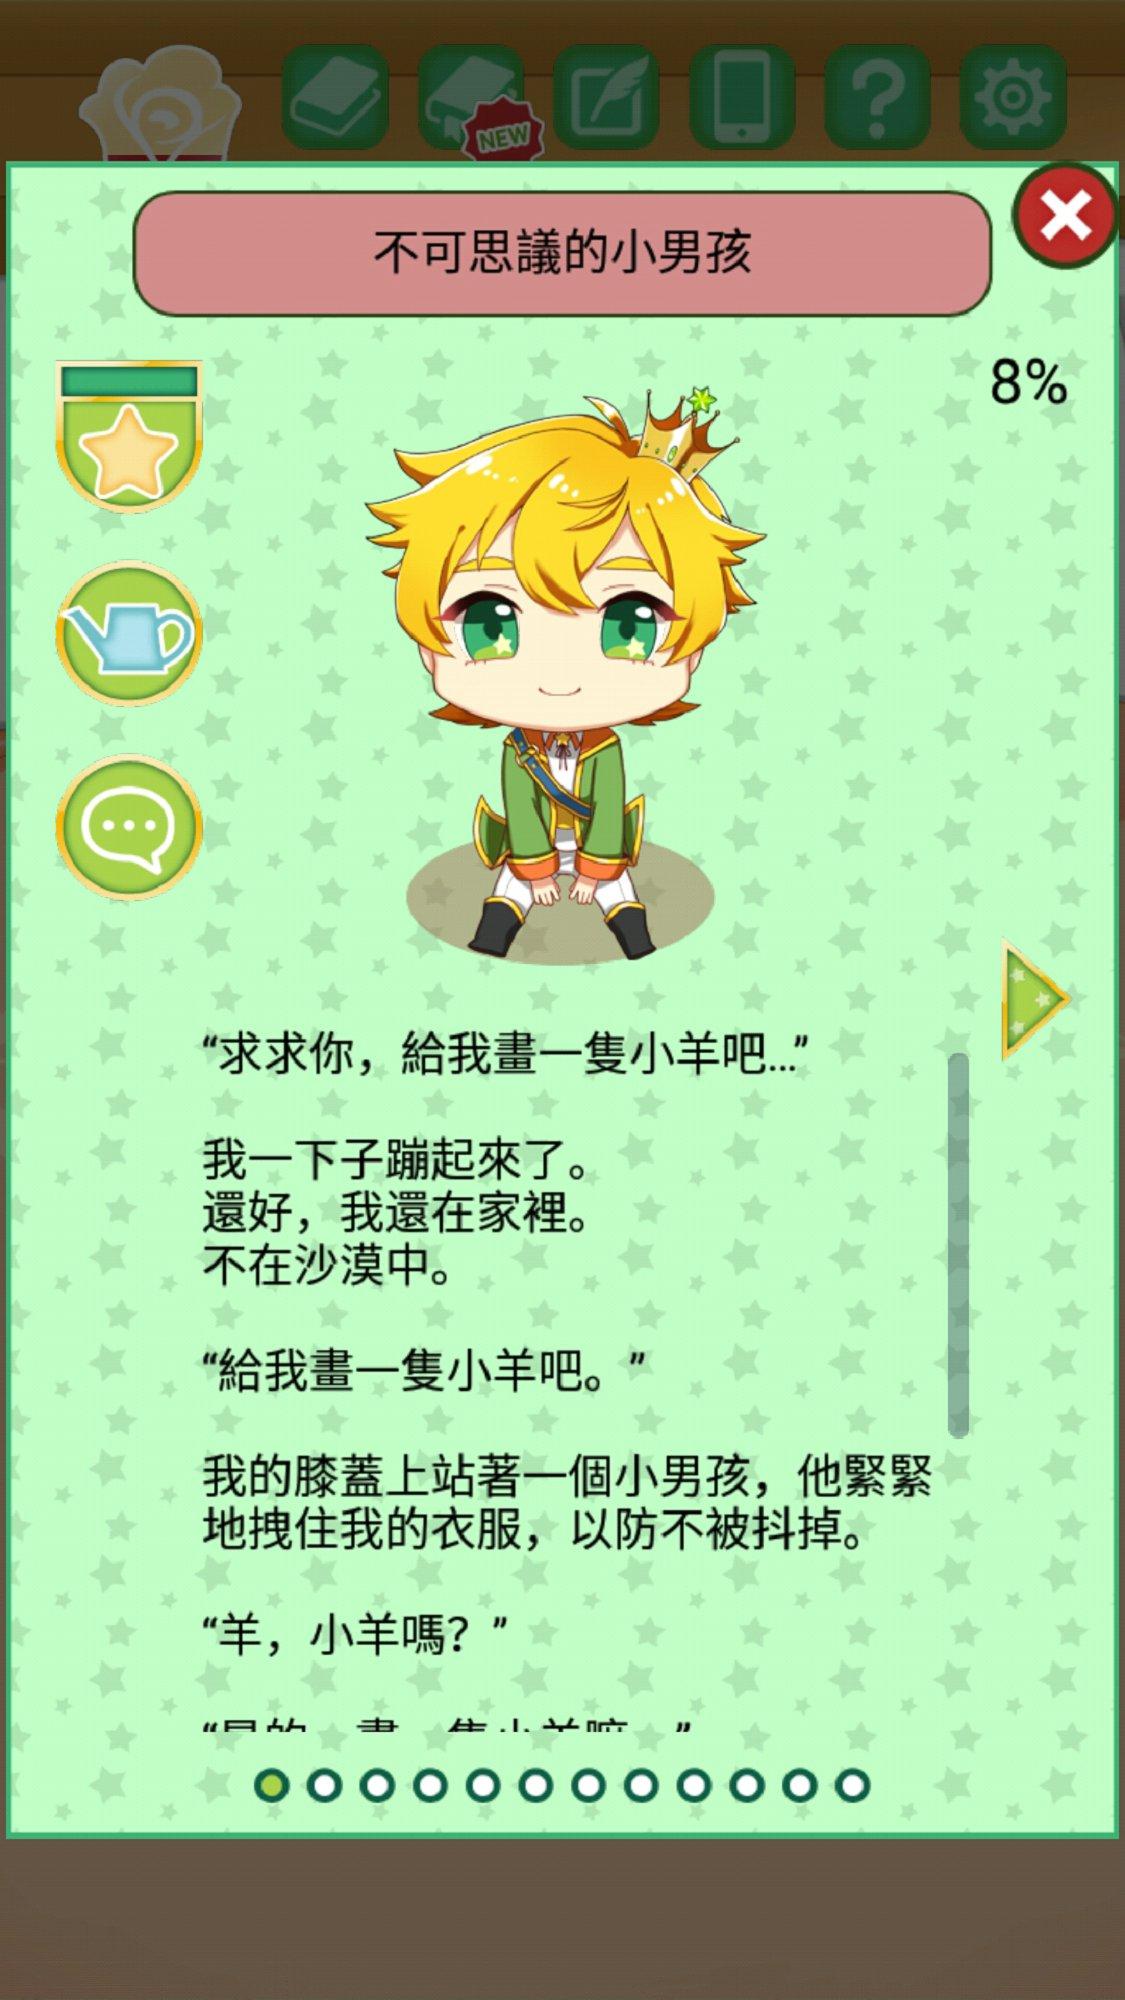 青春期遇见小王子 v1.0.1图